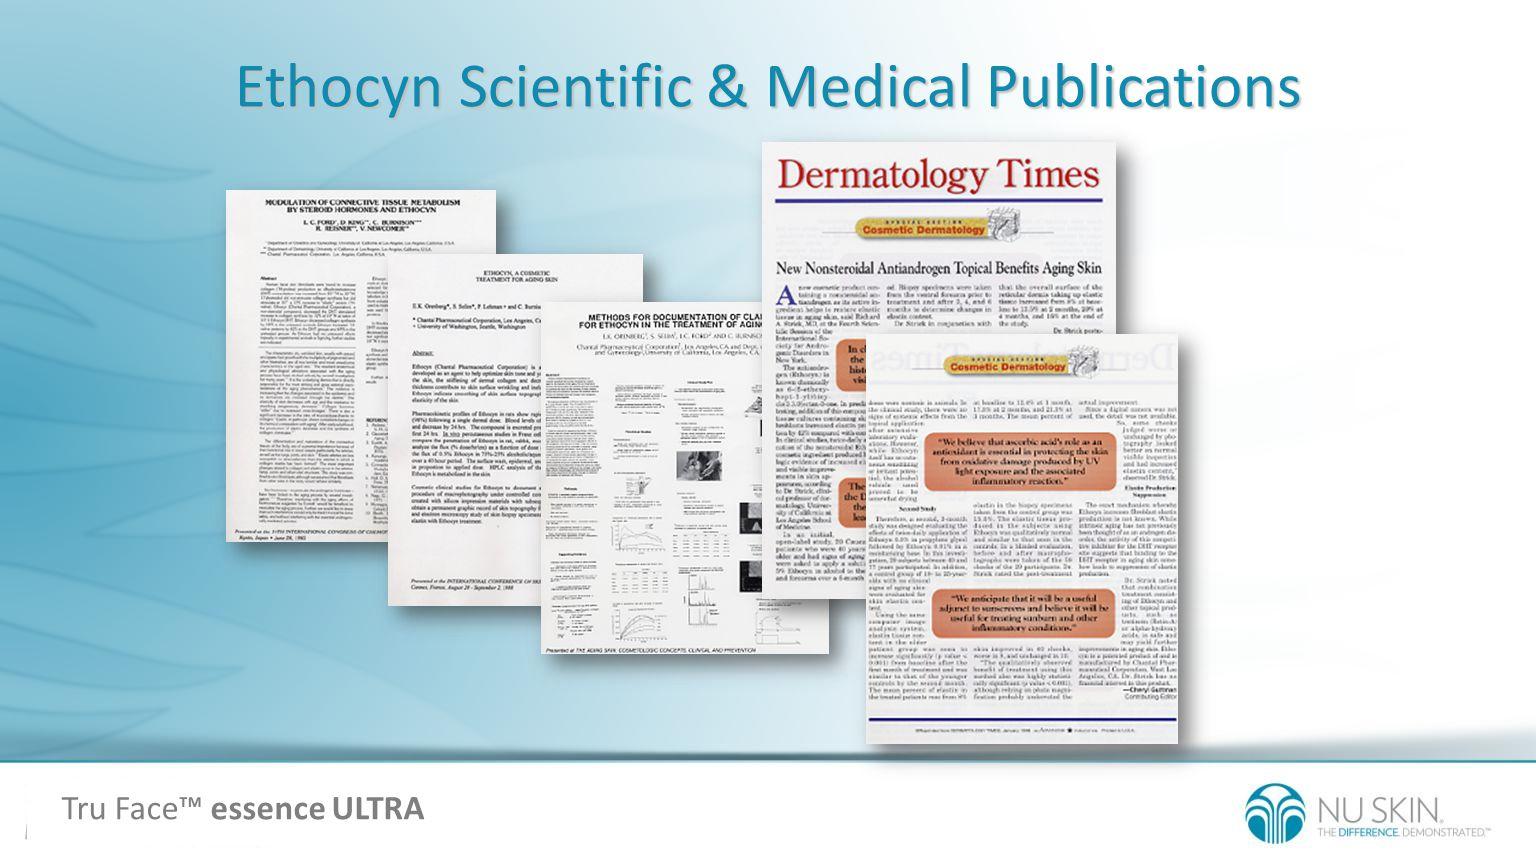 Ethocyn Scientific & Medical Publications Tru Face essence ULTRA